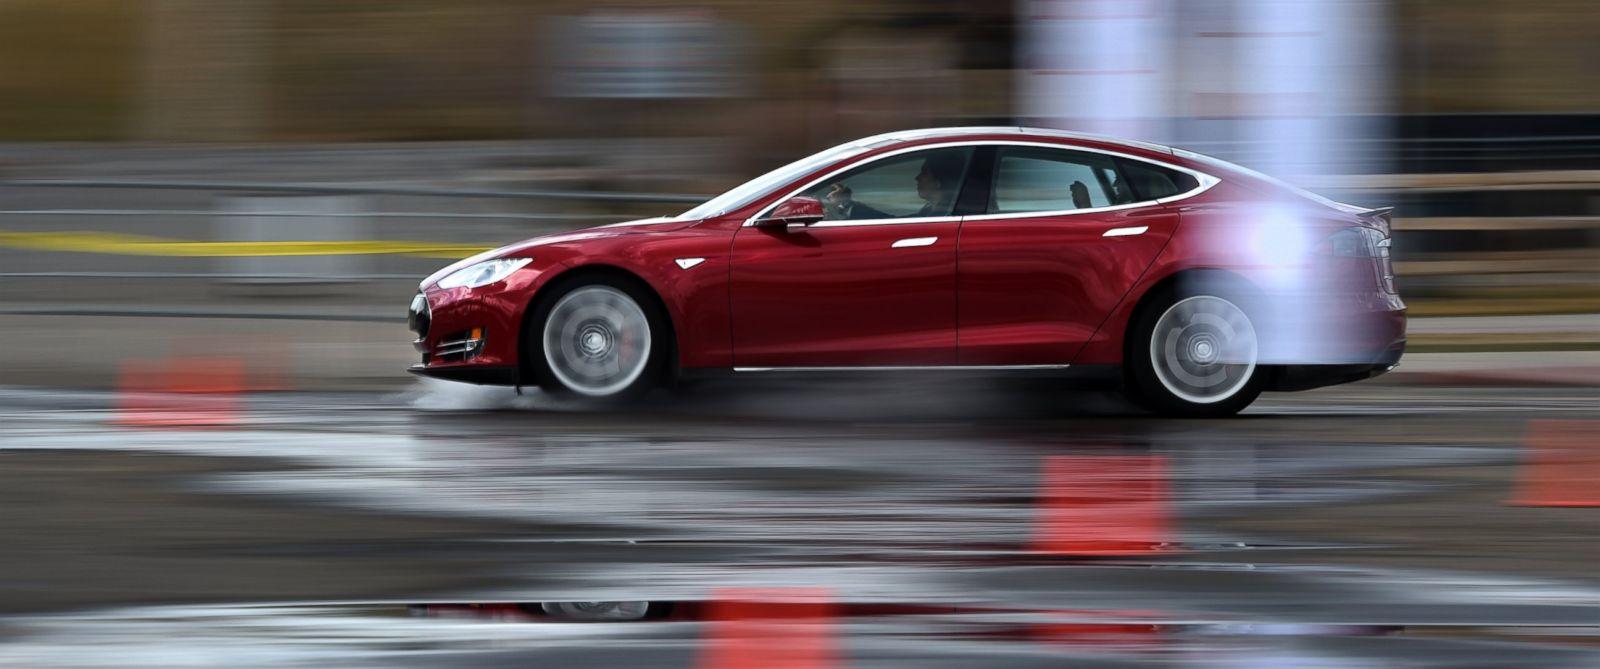 Владелец Tesla Model S утверждает, что автопилот его электромобиля спас пешехода от смерти - 1